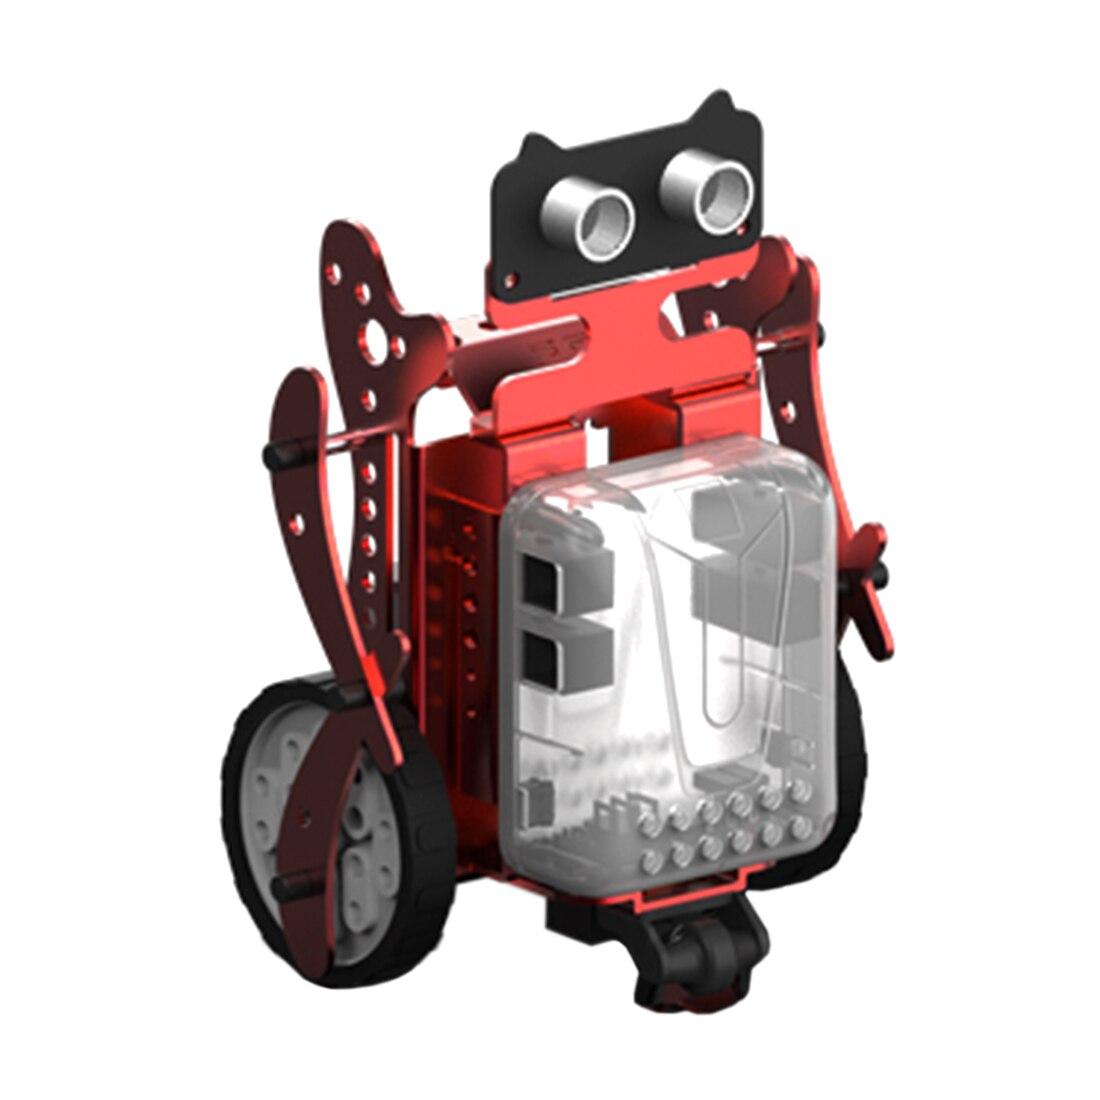 3-en-1 bricolage Neo programmation Scratch Intelligent évitement d'obstacles voiture Robot Kit pour enfants jouet modèle Mini Robot Intelligent-vert rouge